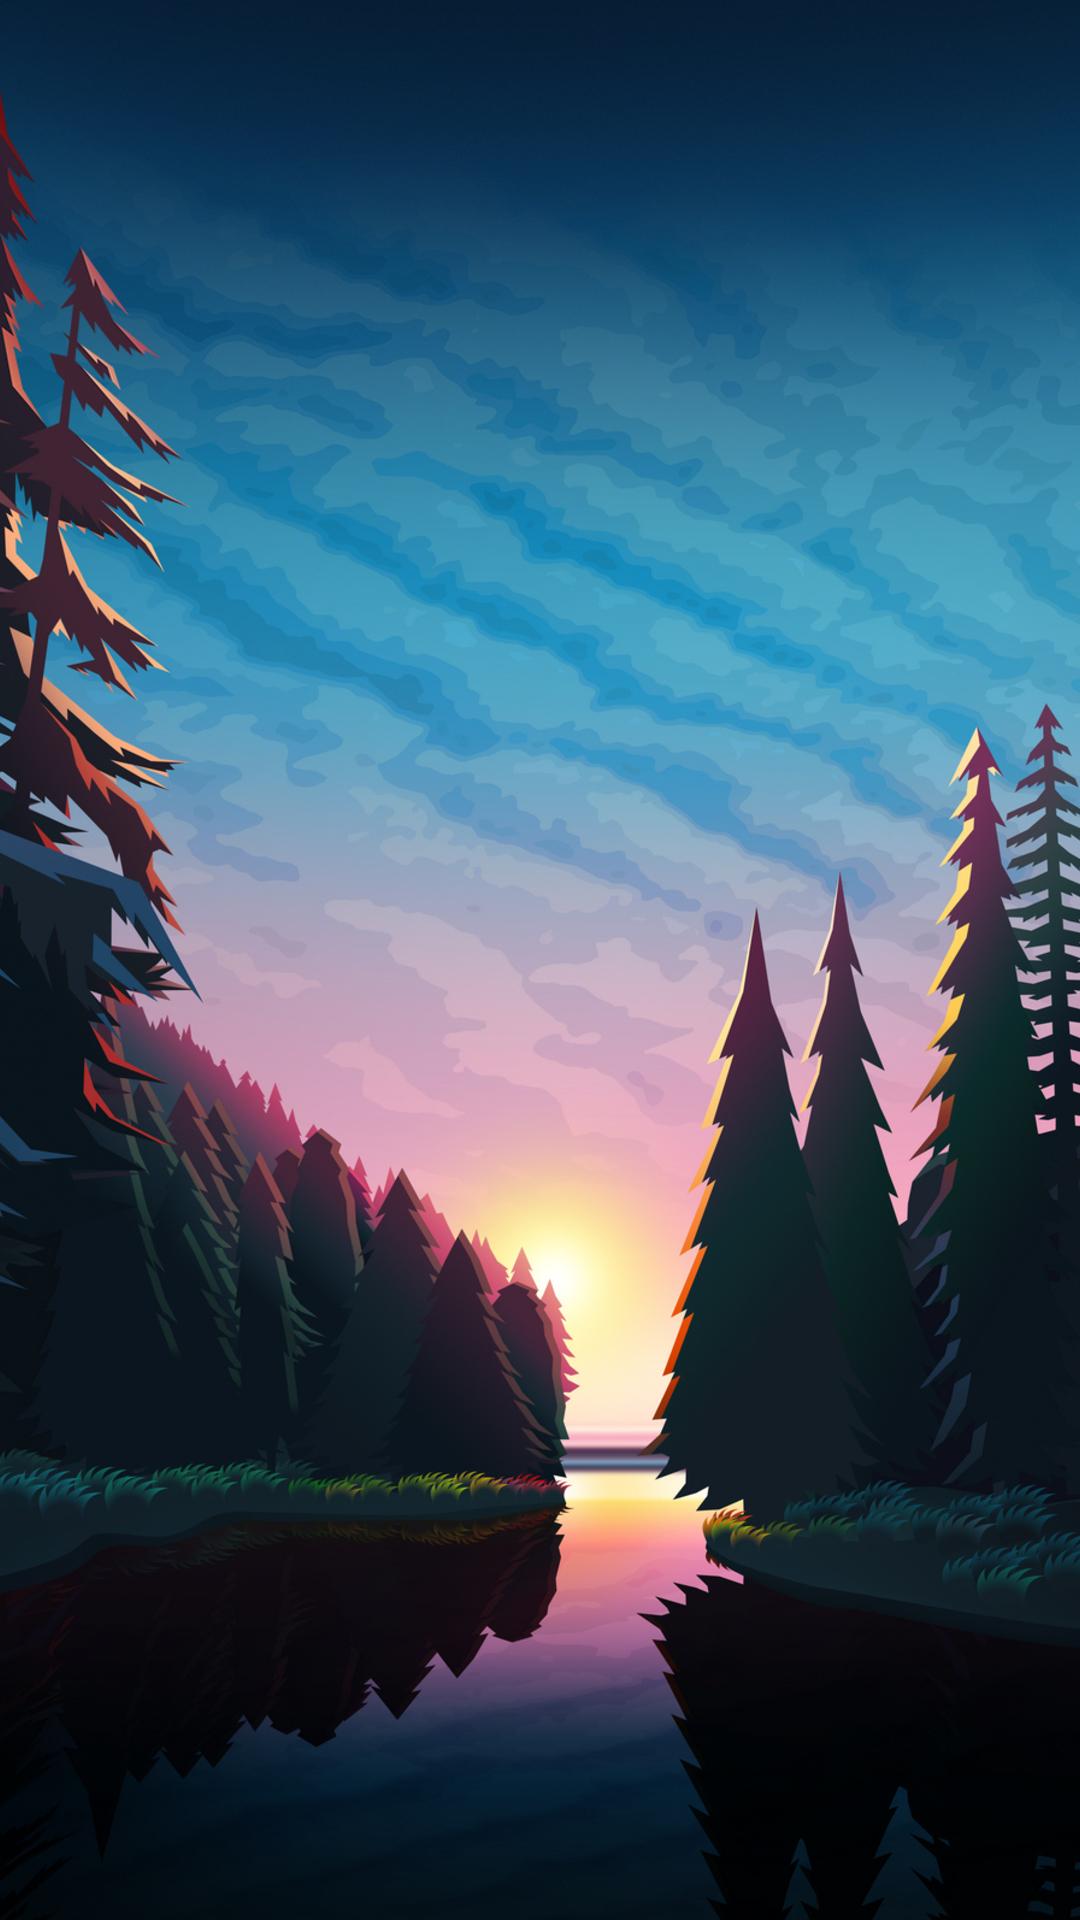 Sundown Landscape Minimalist